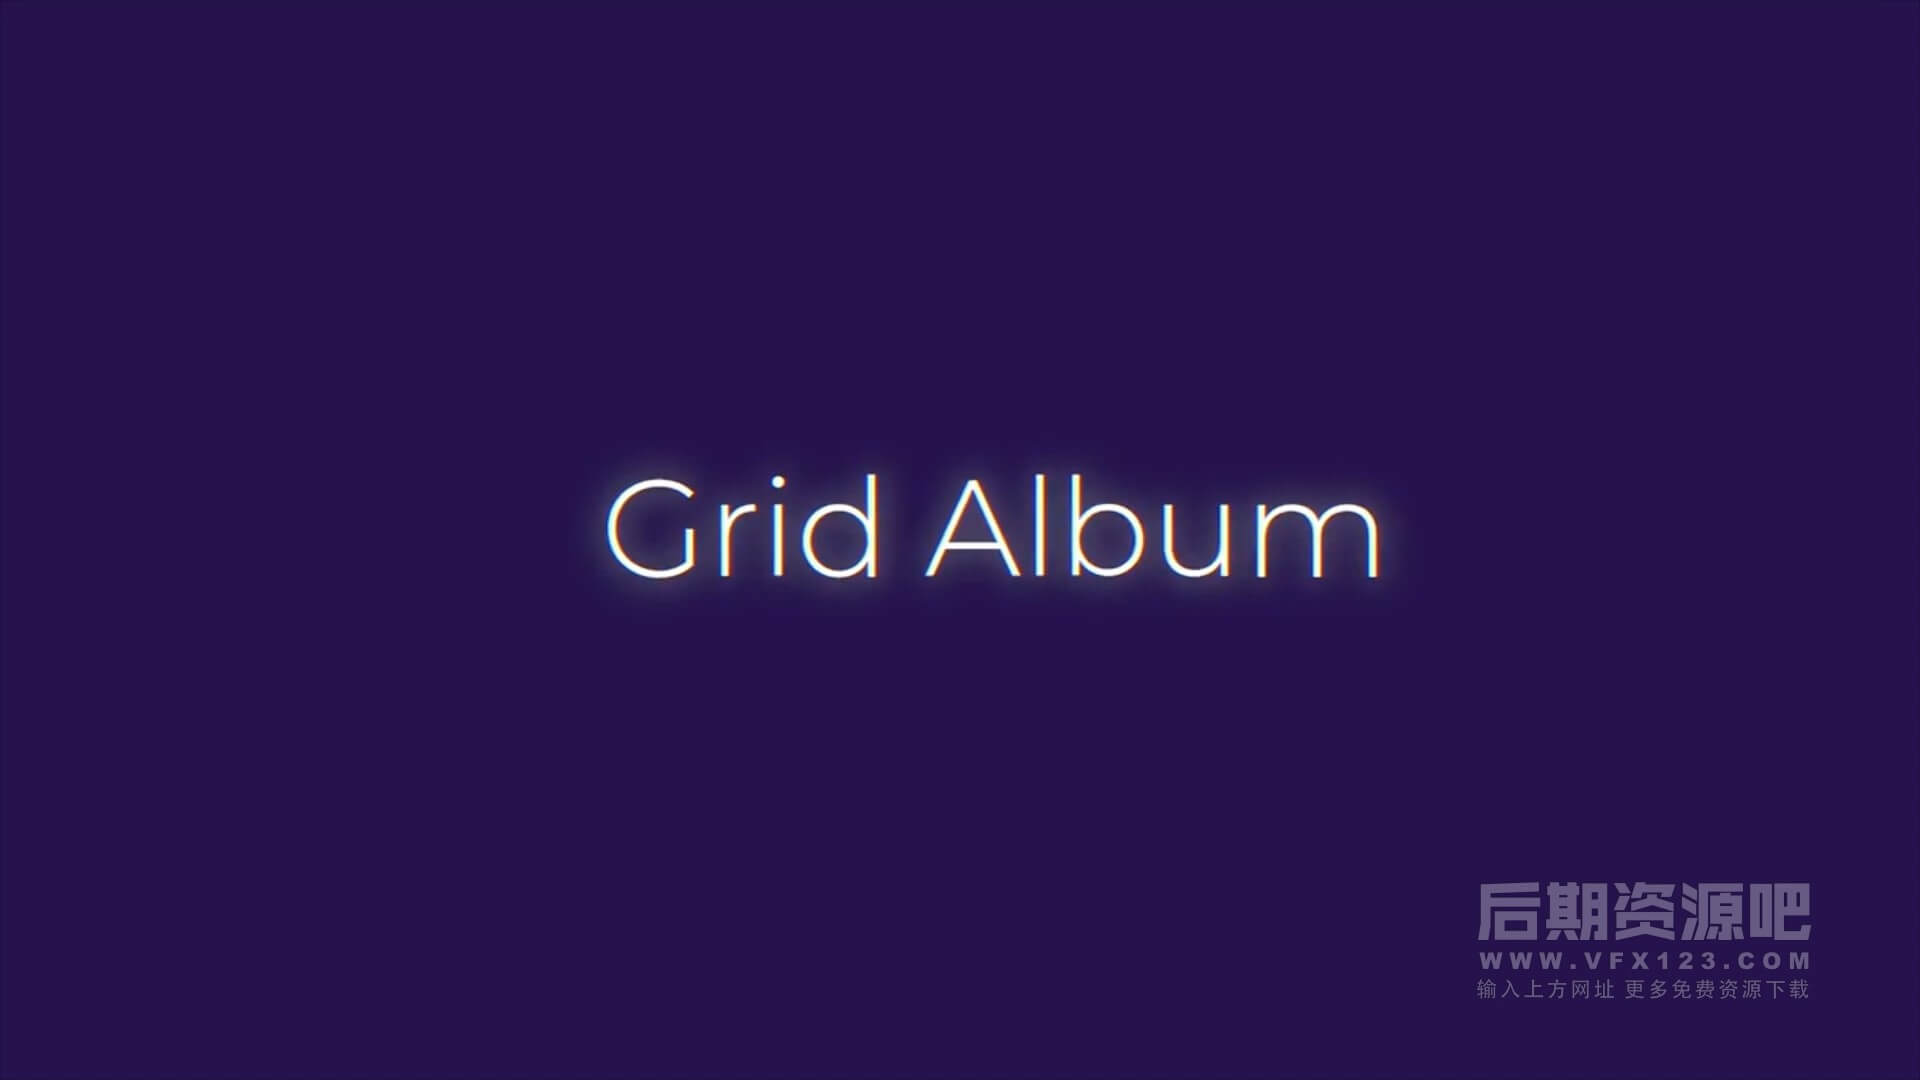 fcpx主题模板 win10磁贴网格色块样式图文展示片头 Grid Album